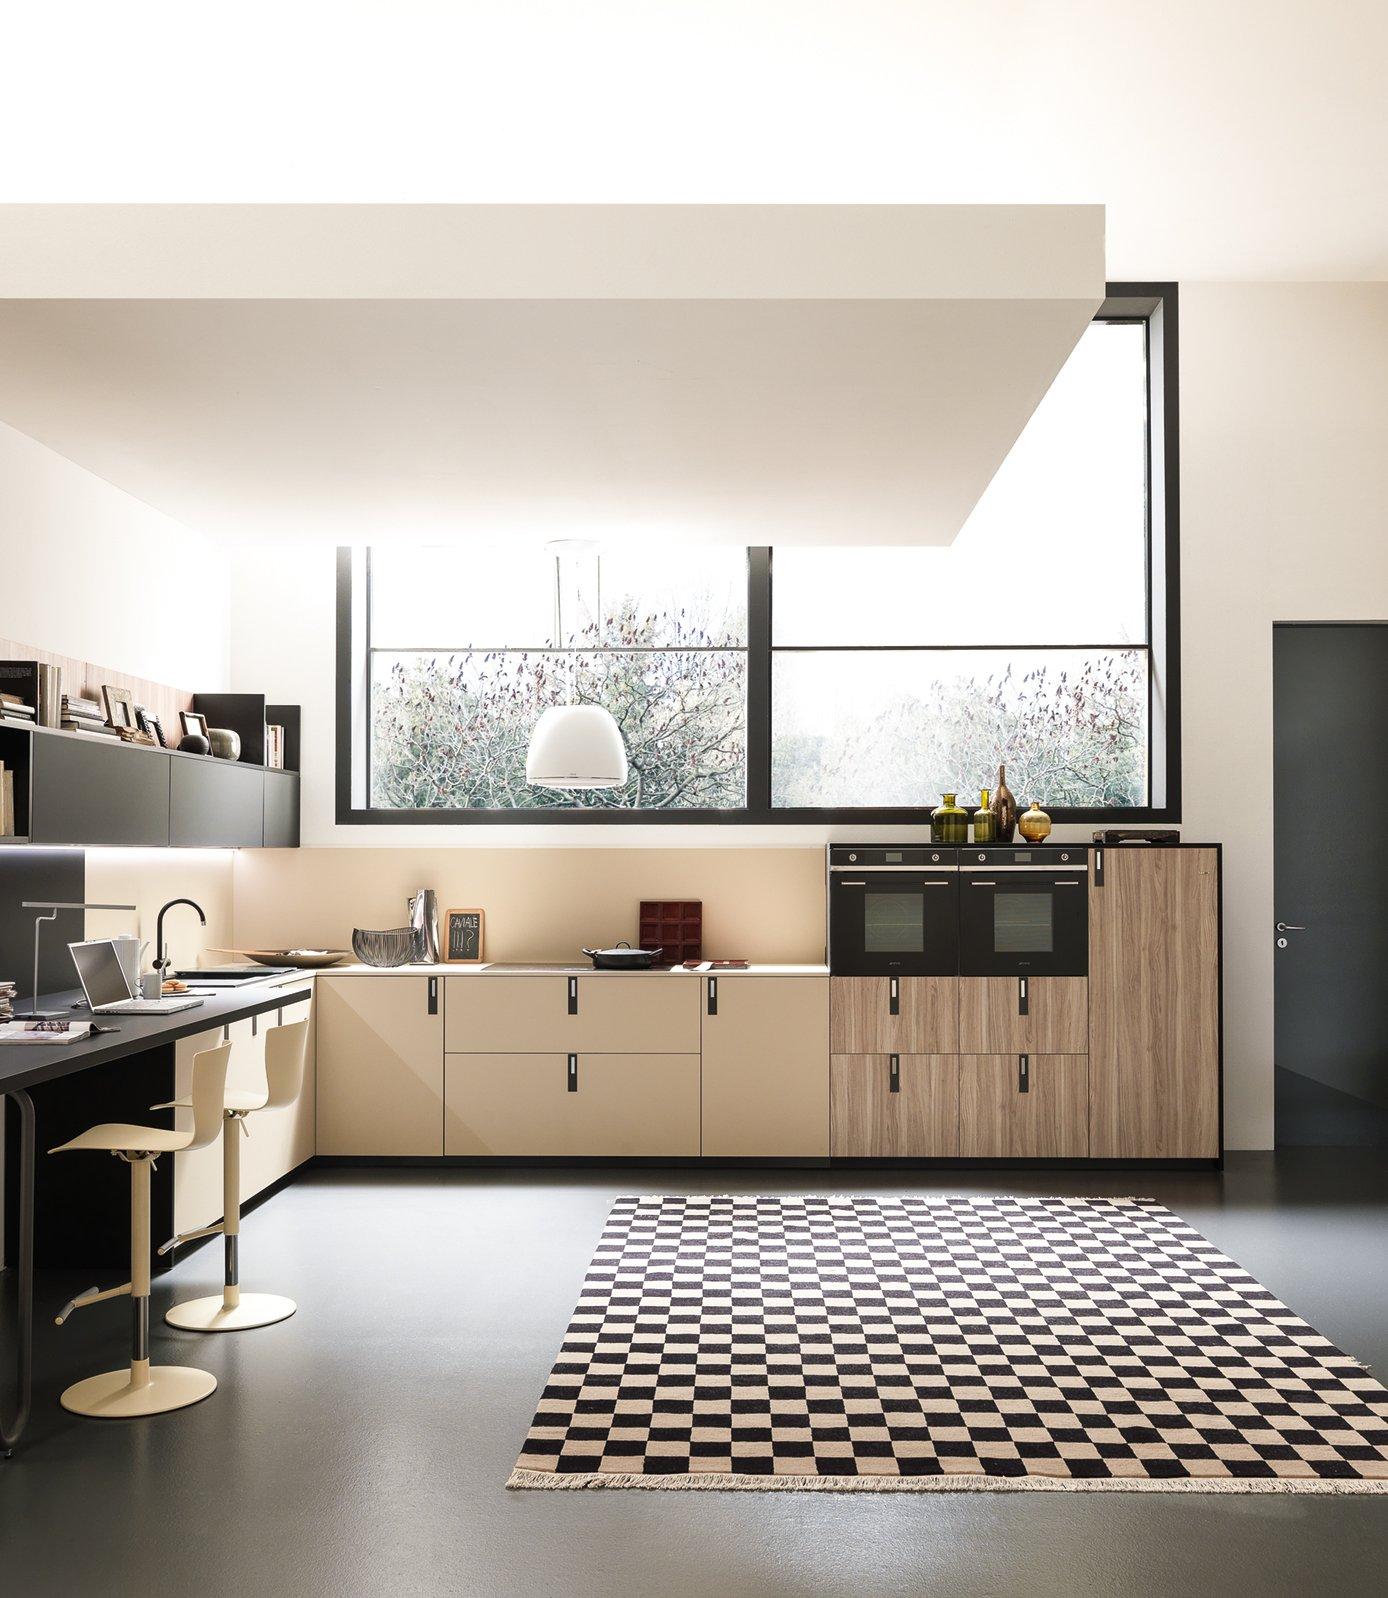 La cucina sotto la finestra 12 composizioni cui ispirarsi - Cucine con finestra ...